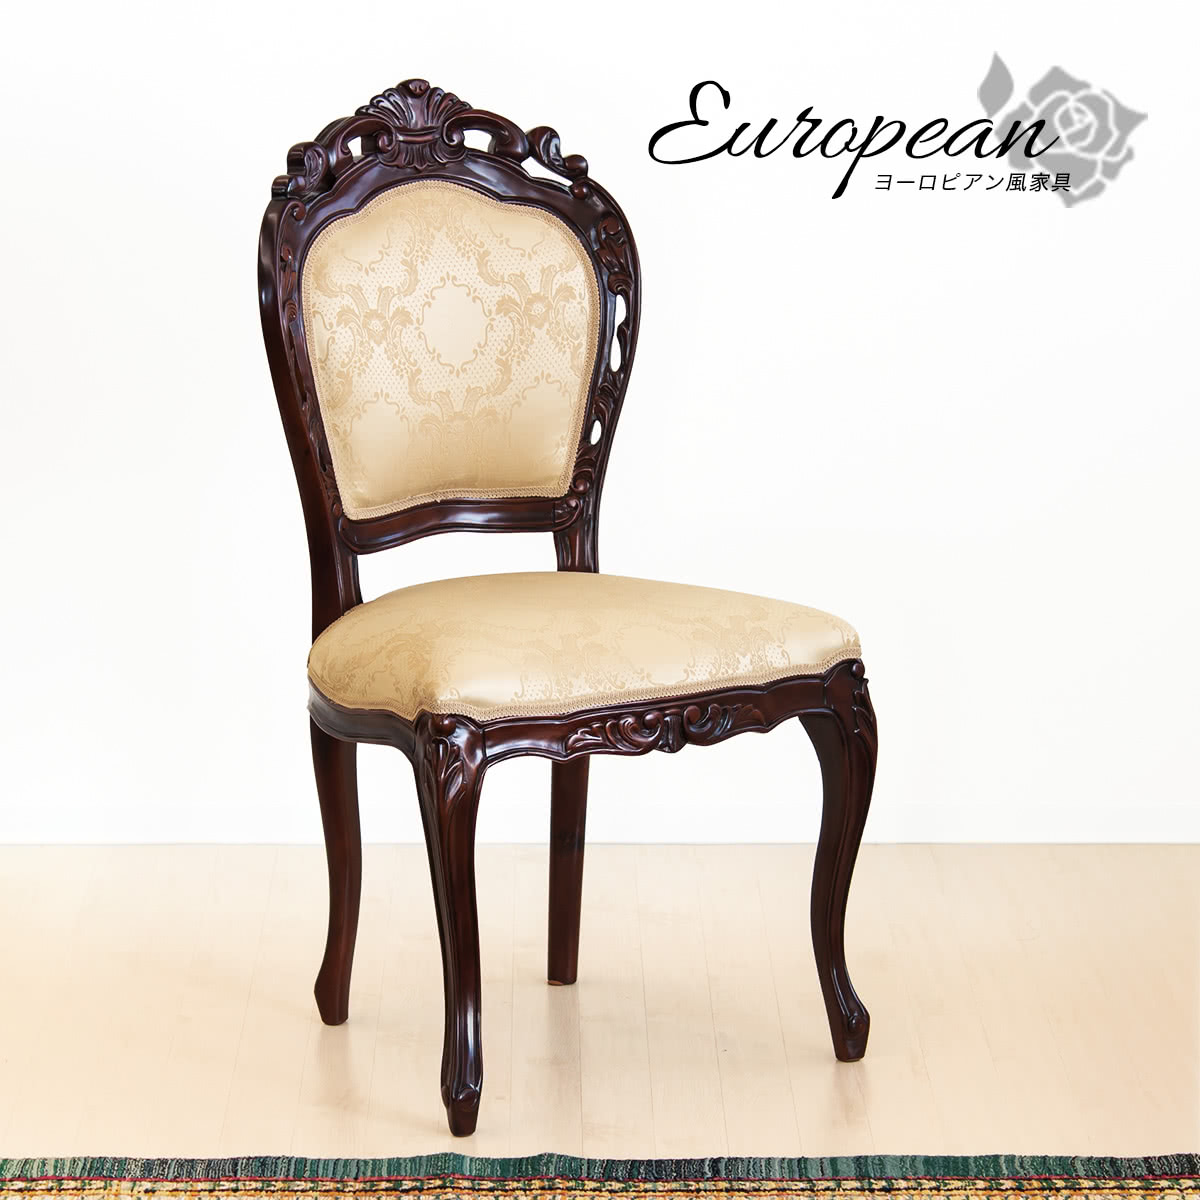 ダイニングチェアー 肘無し ブラウン 木製 マホガニー アンティーク 猫脚 ヨーロピアン調 クラシック 優雅 エレガント 椅子 チェア 猫脚チェアー 優雅エレガントなヨーロピアン風チェア